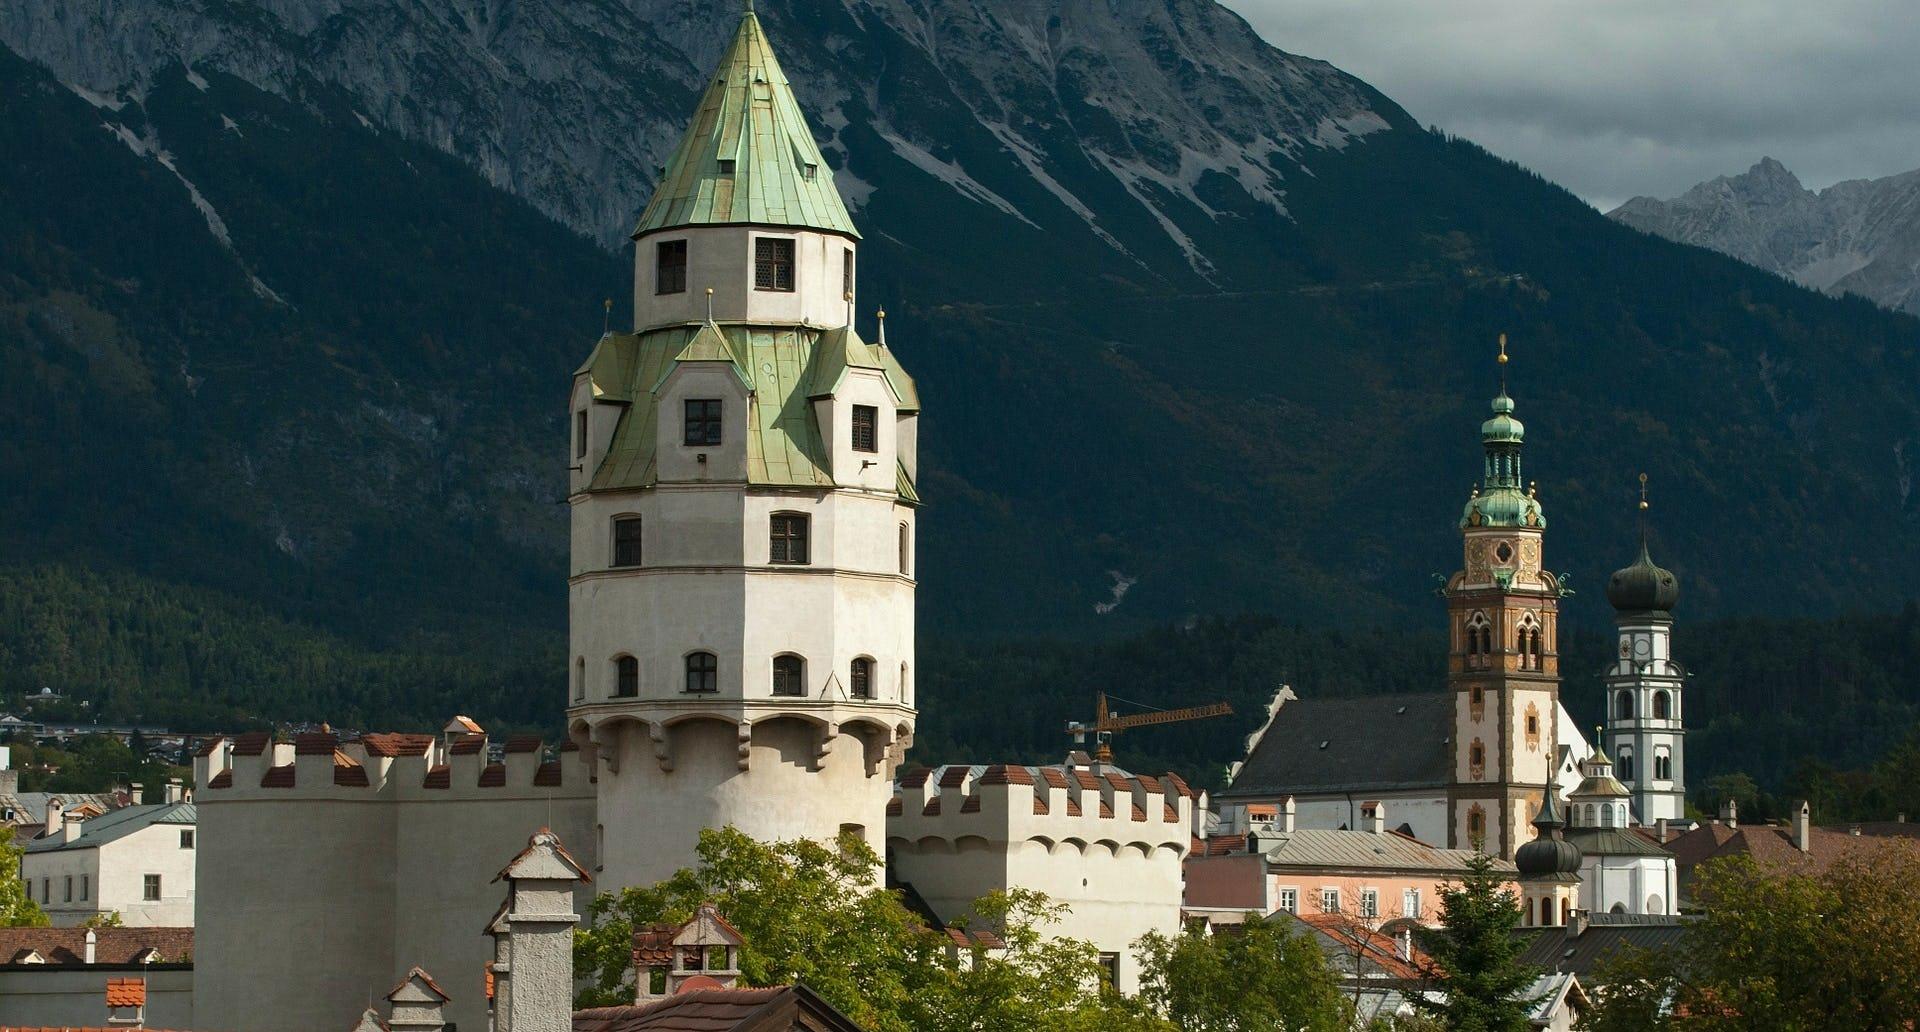 Hall Tirol Ramsauer Carreisen Weihnachtsmarkt